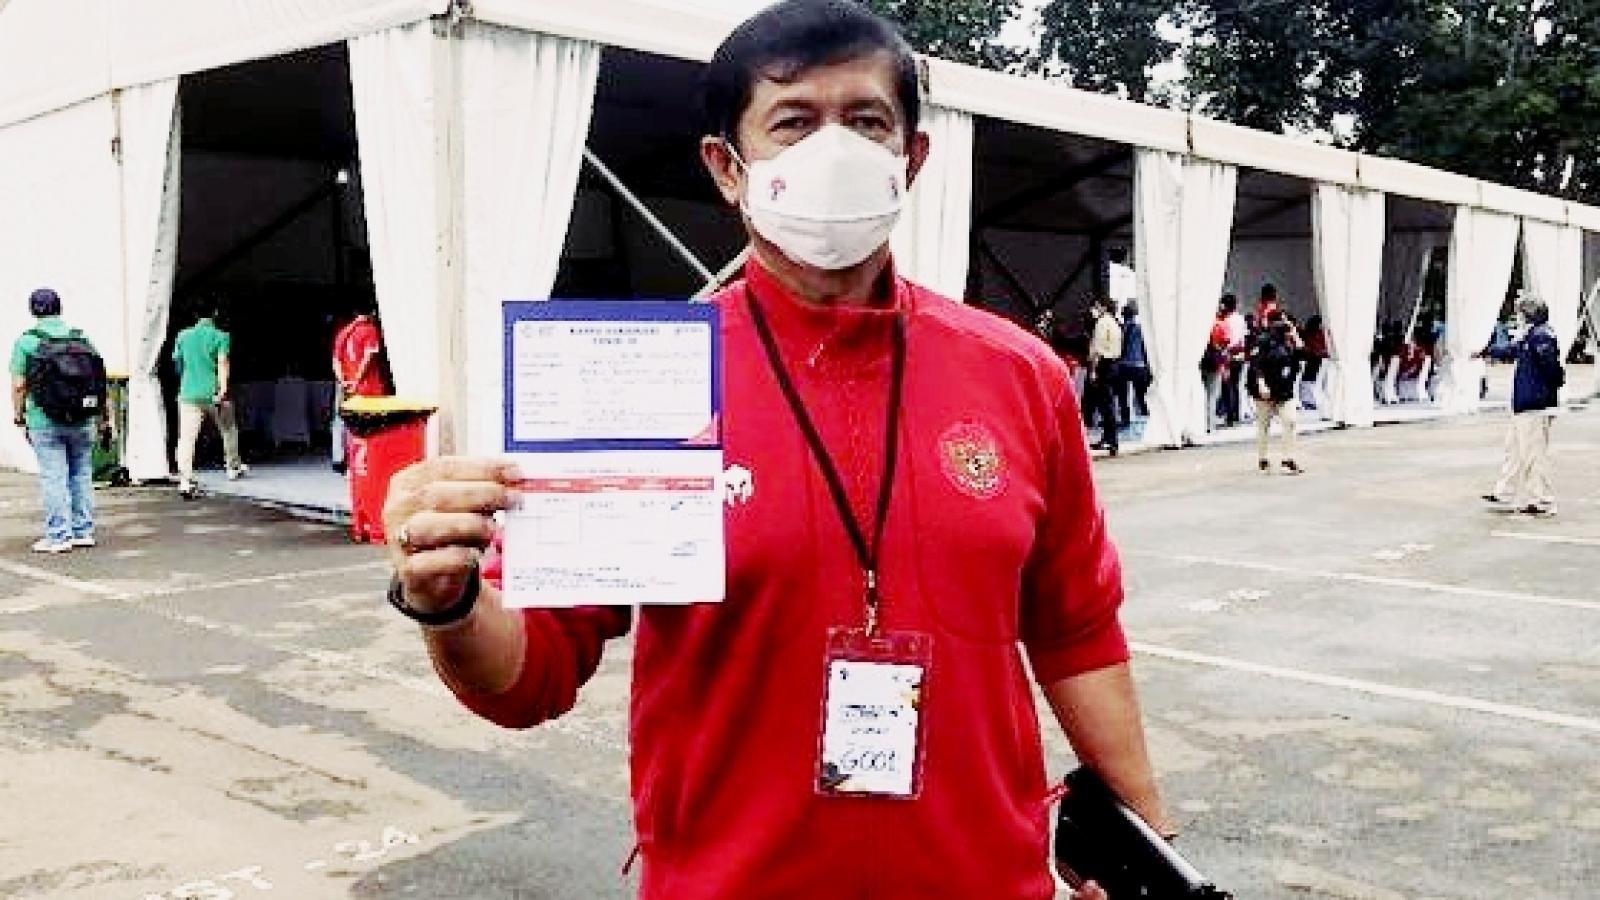 Bại tướng của HLV Park Hang Seo được tiêm vaccine Covid-19